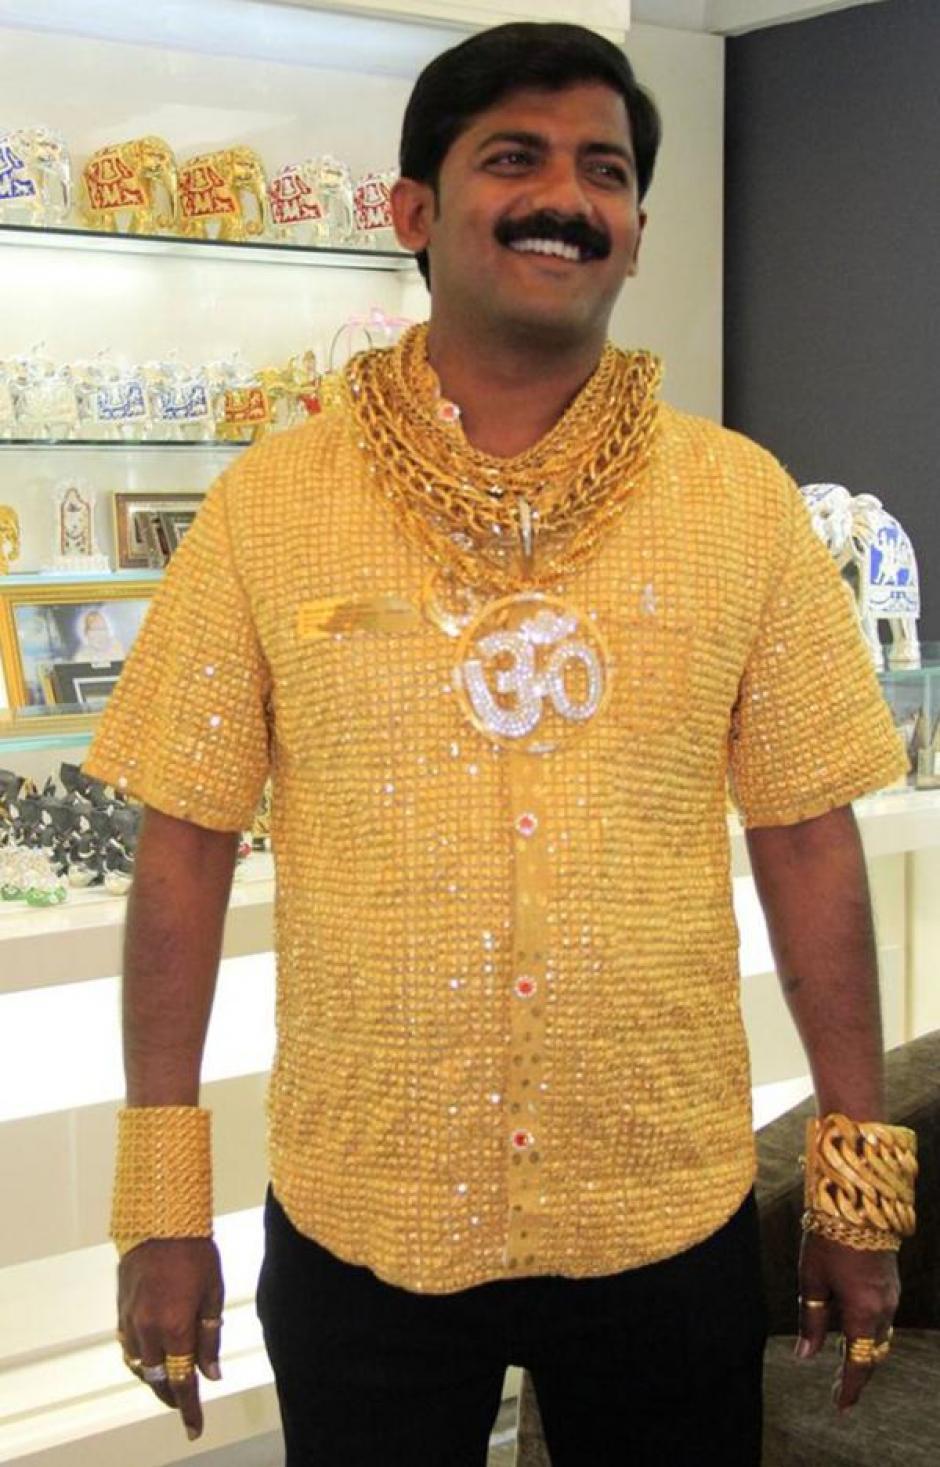 2 millones de quetzales pagó Datta Phuge por su camisa hecha de oro puro. (Foto: bbc.com)